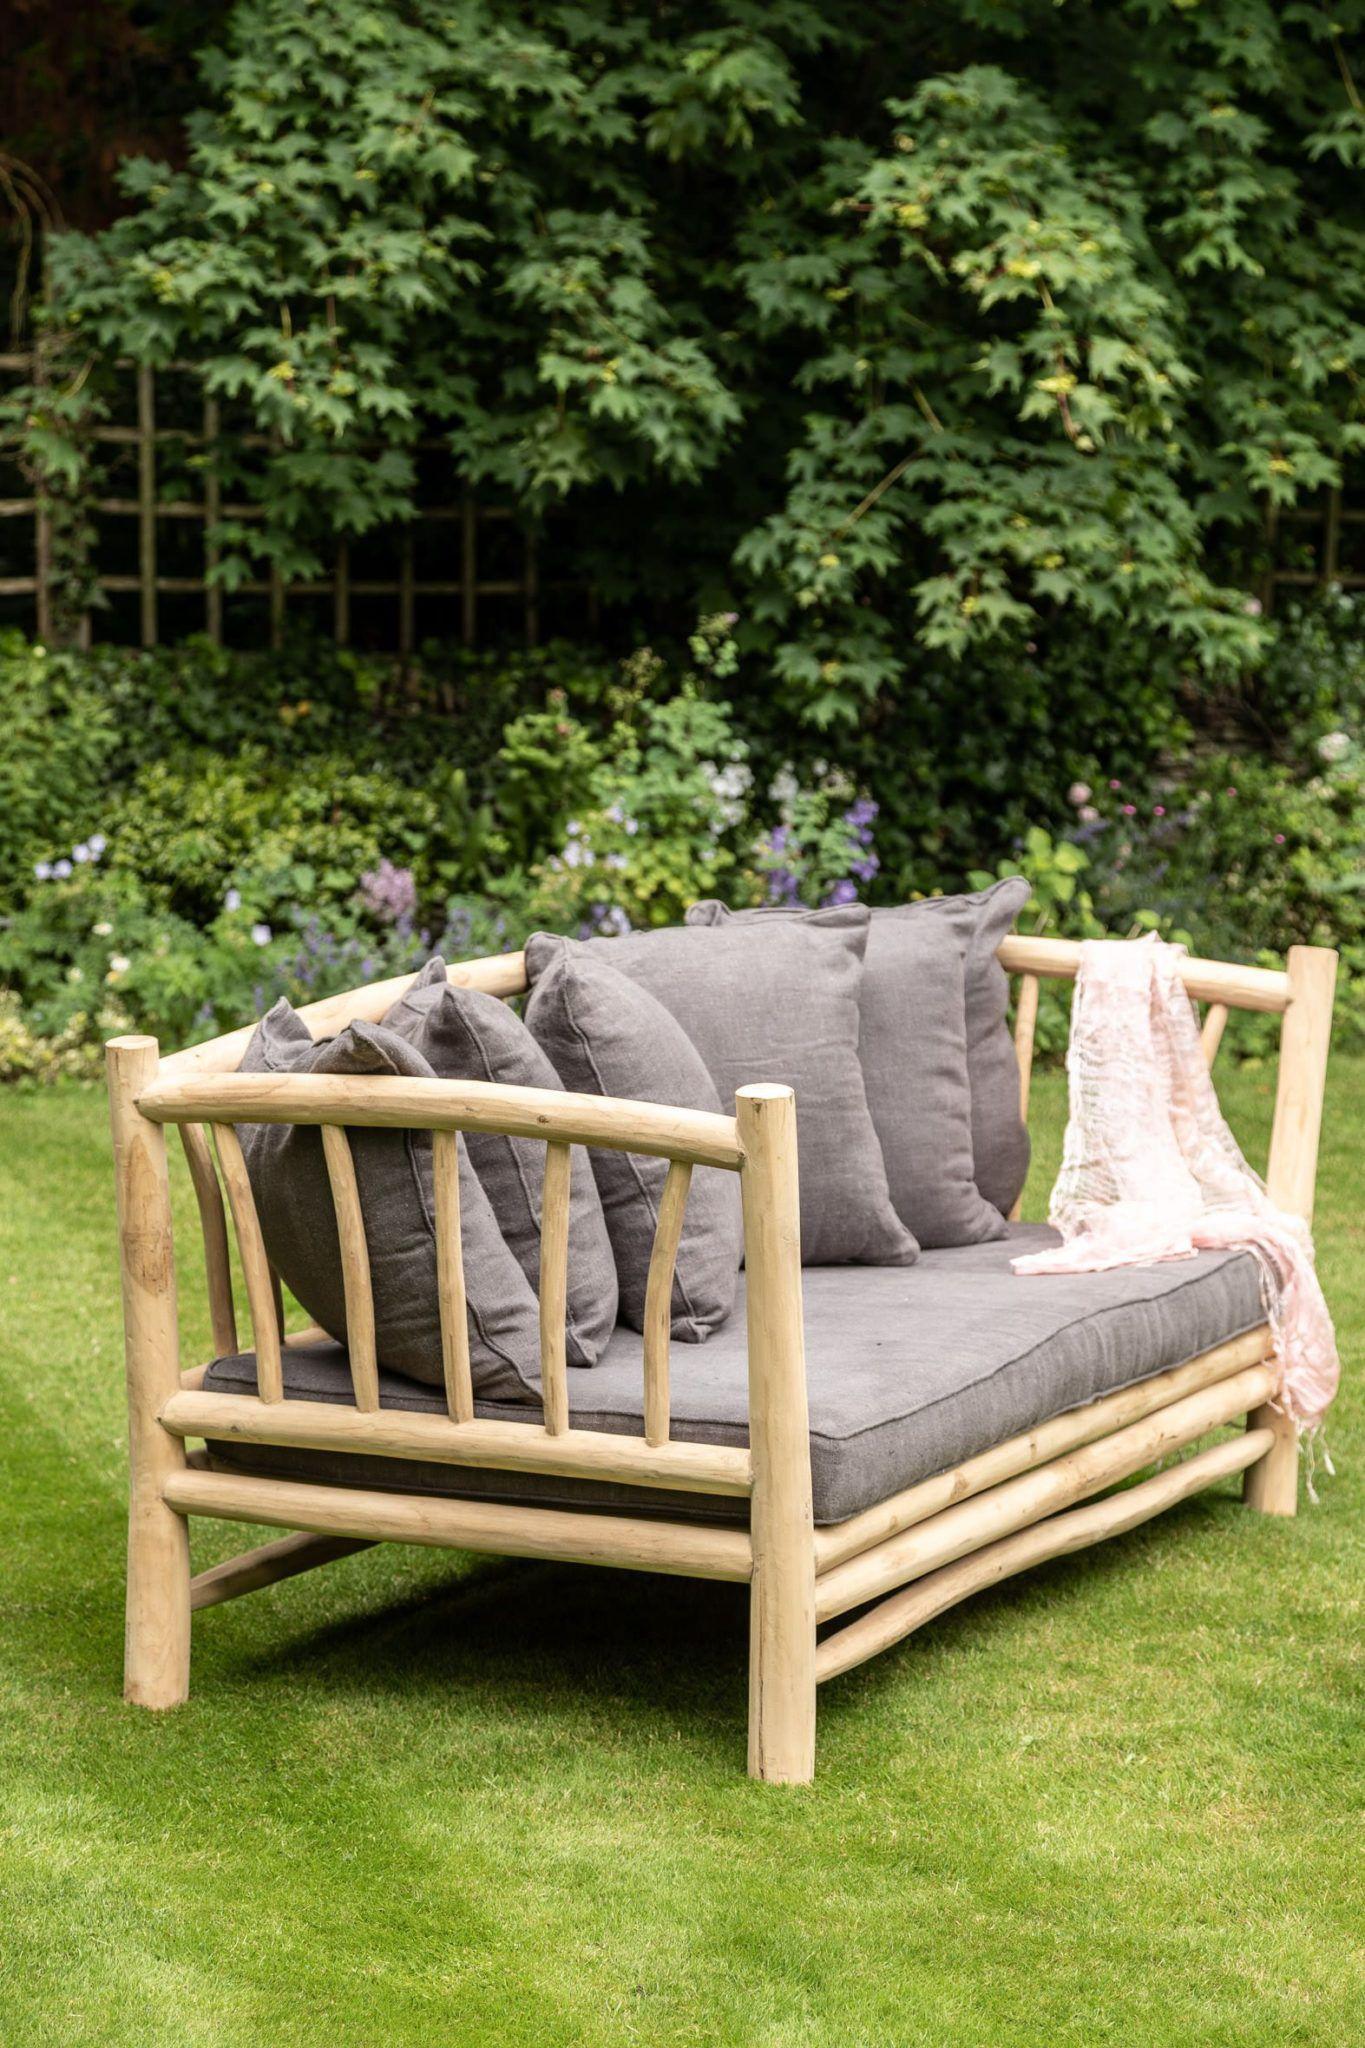 branchwood-sofa-in-situ-1